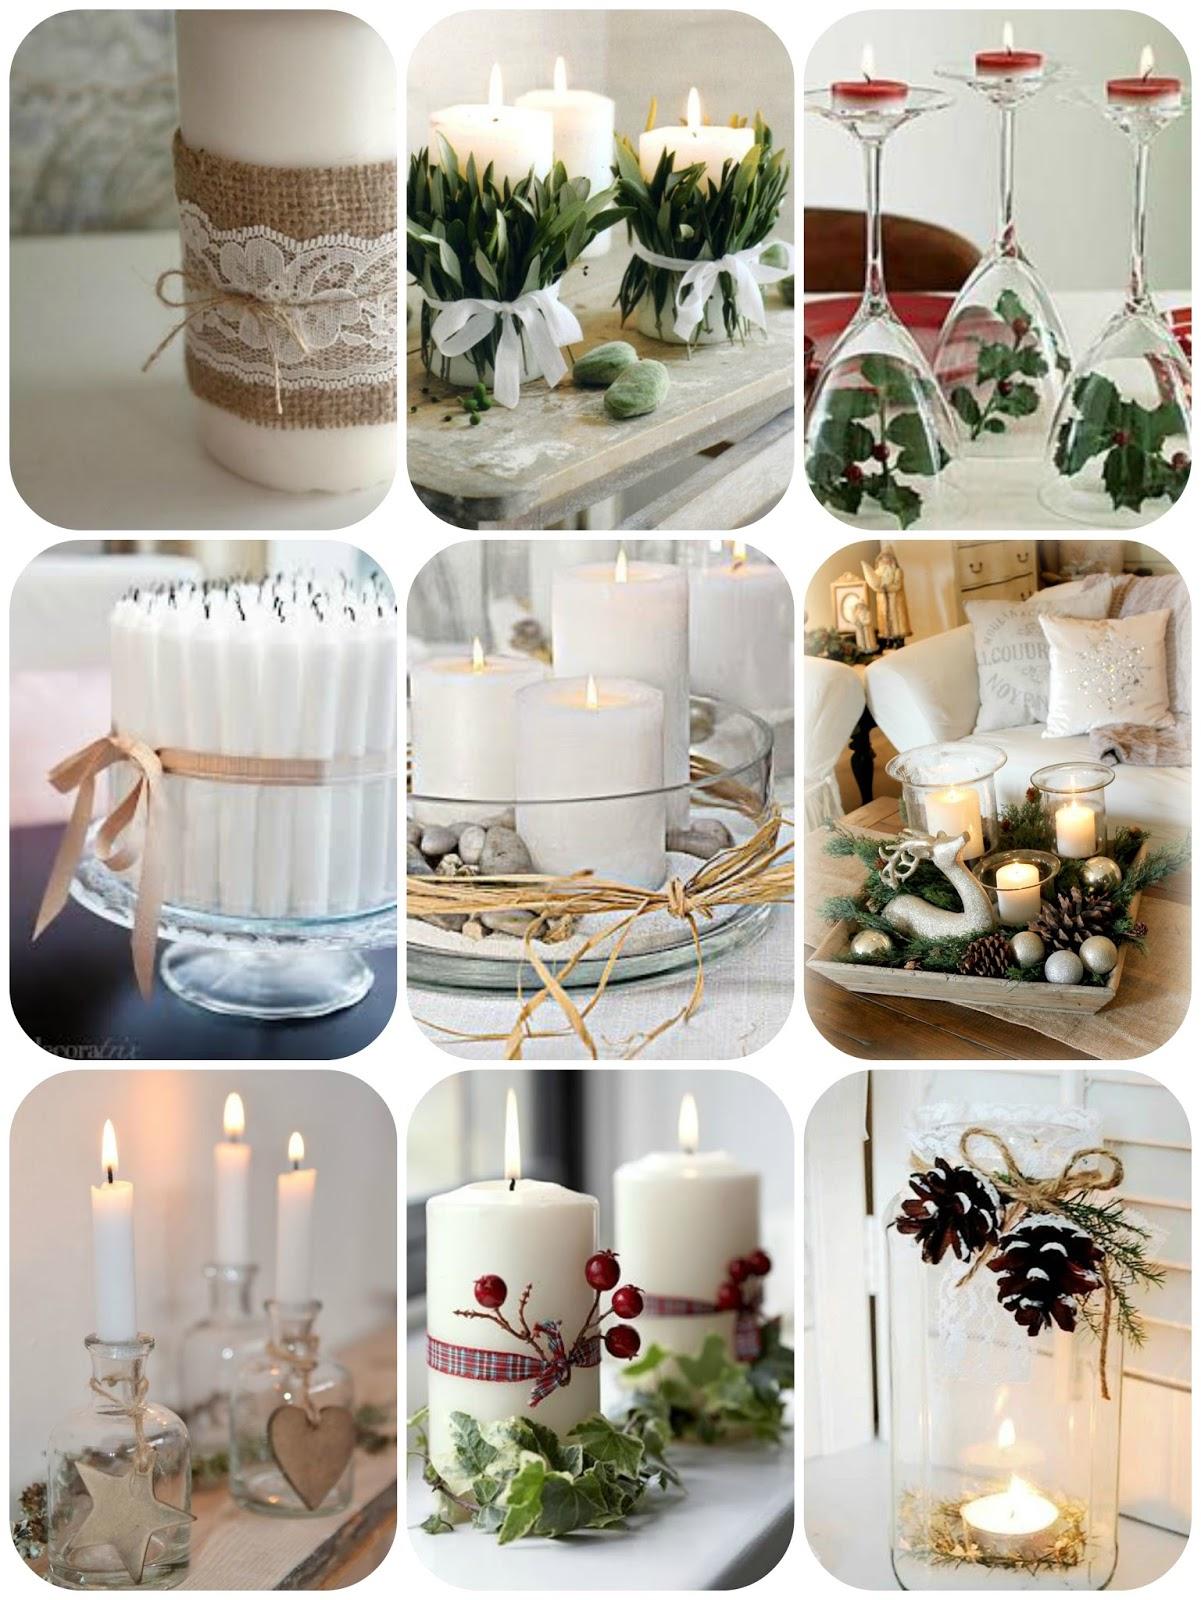 Cosas molonas decoraci n navide a con velas mi princesa emma - Decoracion con velas ...